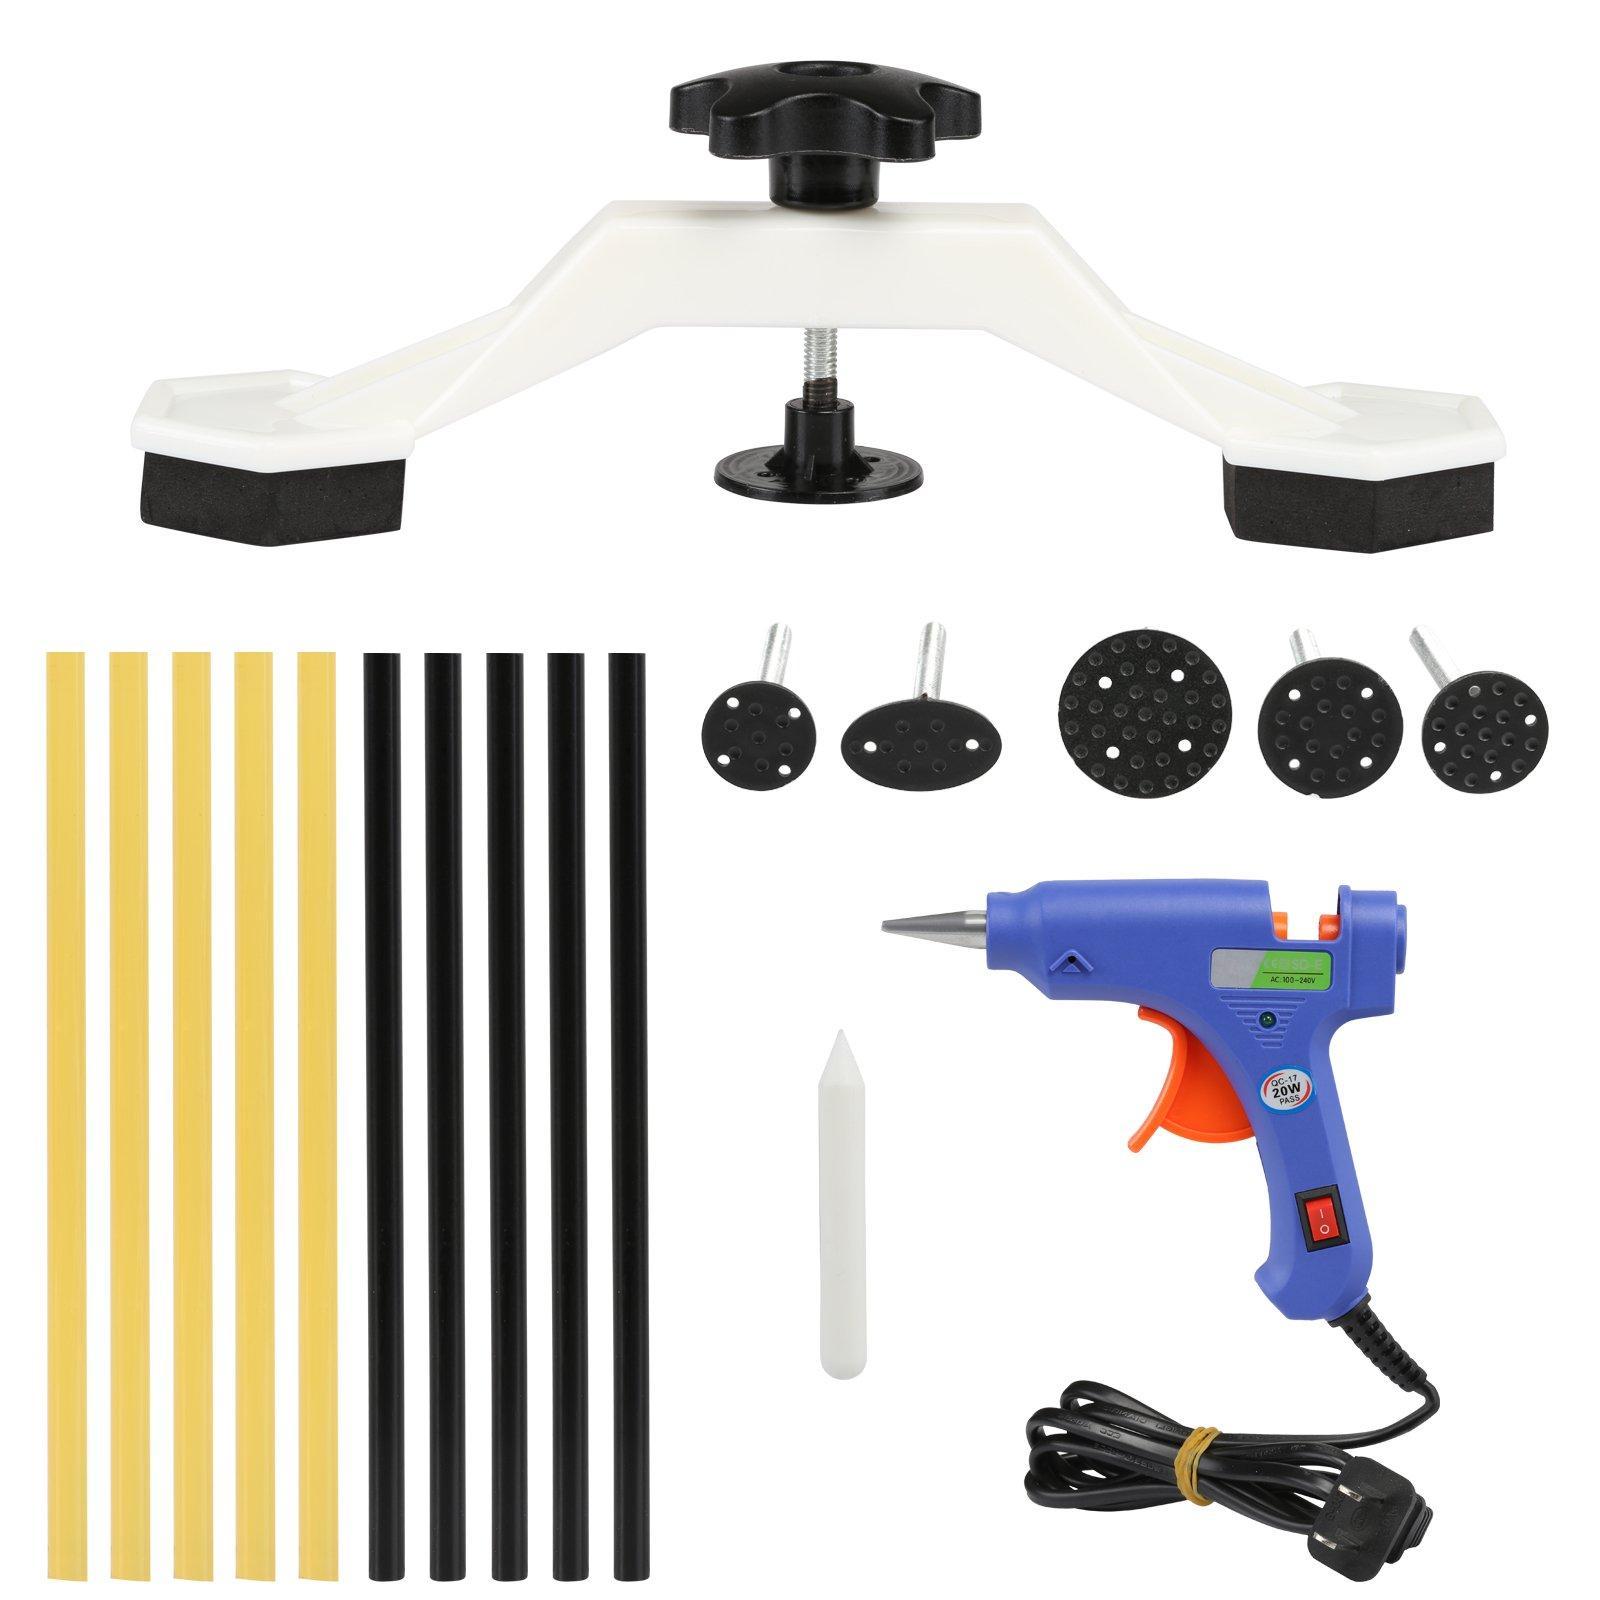 LIHAO Car Dent Repair Kit, Paintless Dent Removal Tools for Car Hail Damage and Door Dings Repair